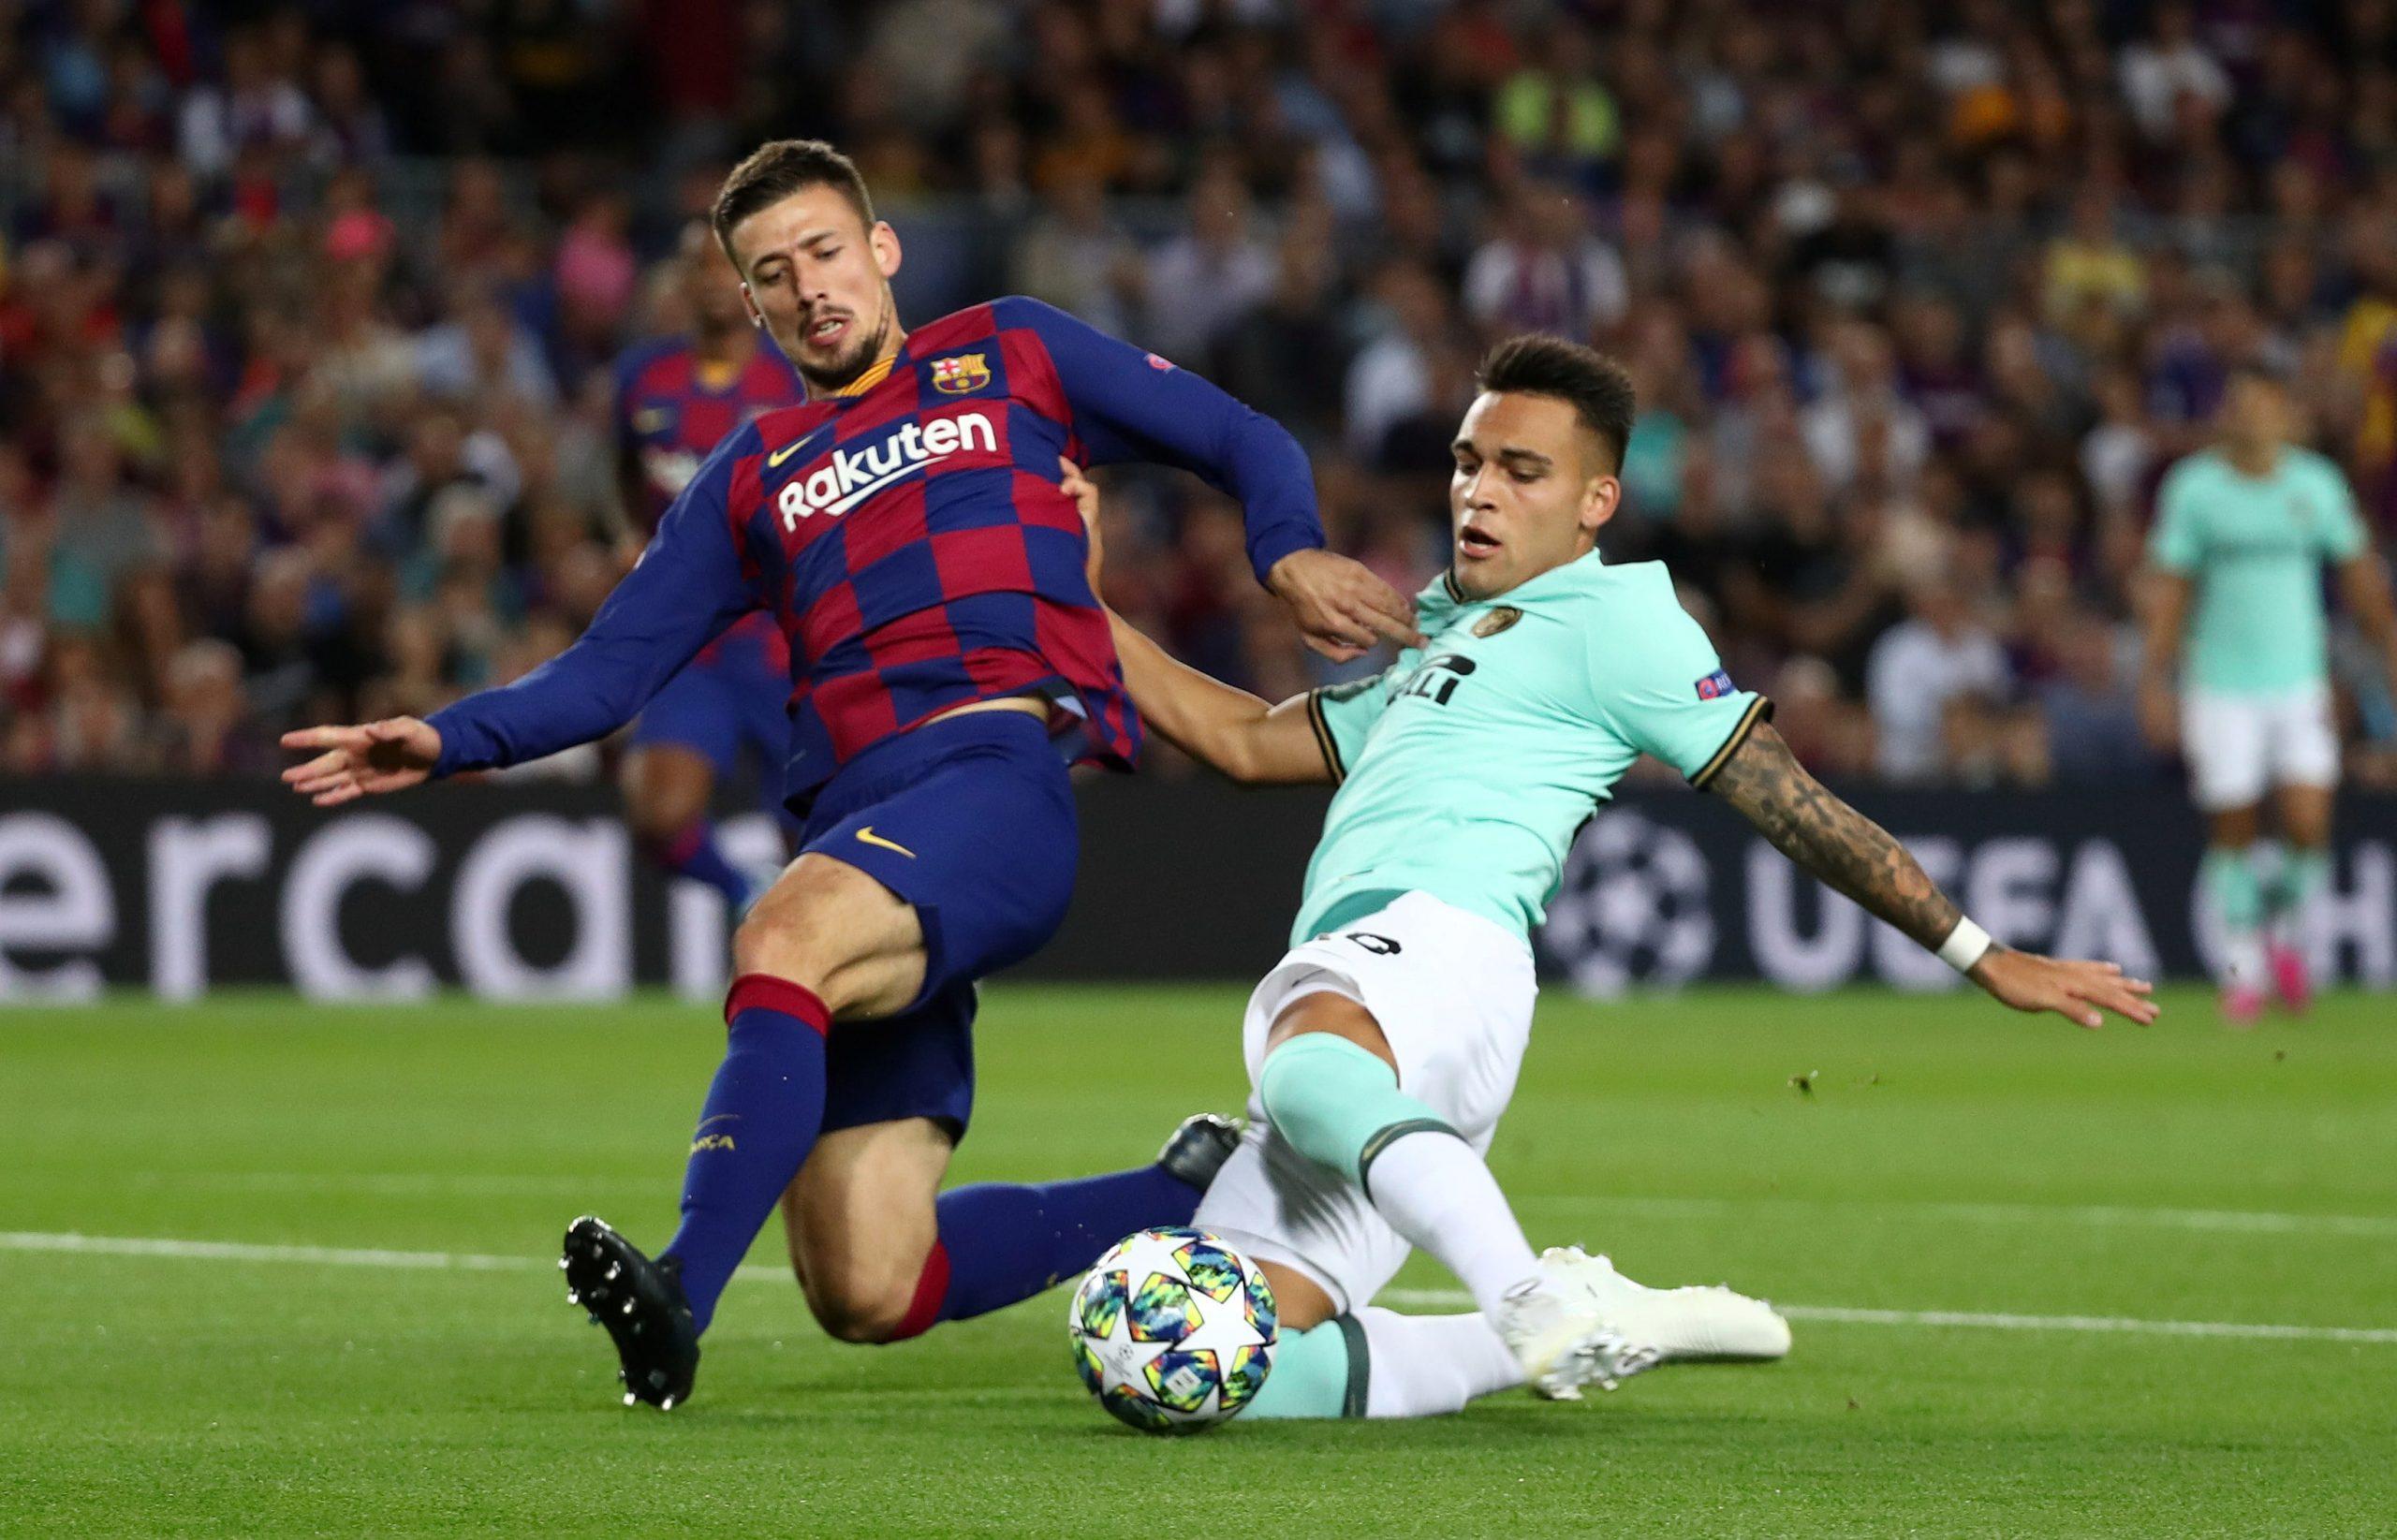 Barcelona Fixtures 2019/20